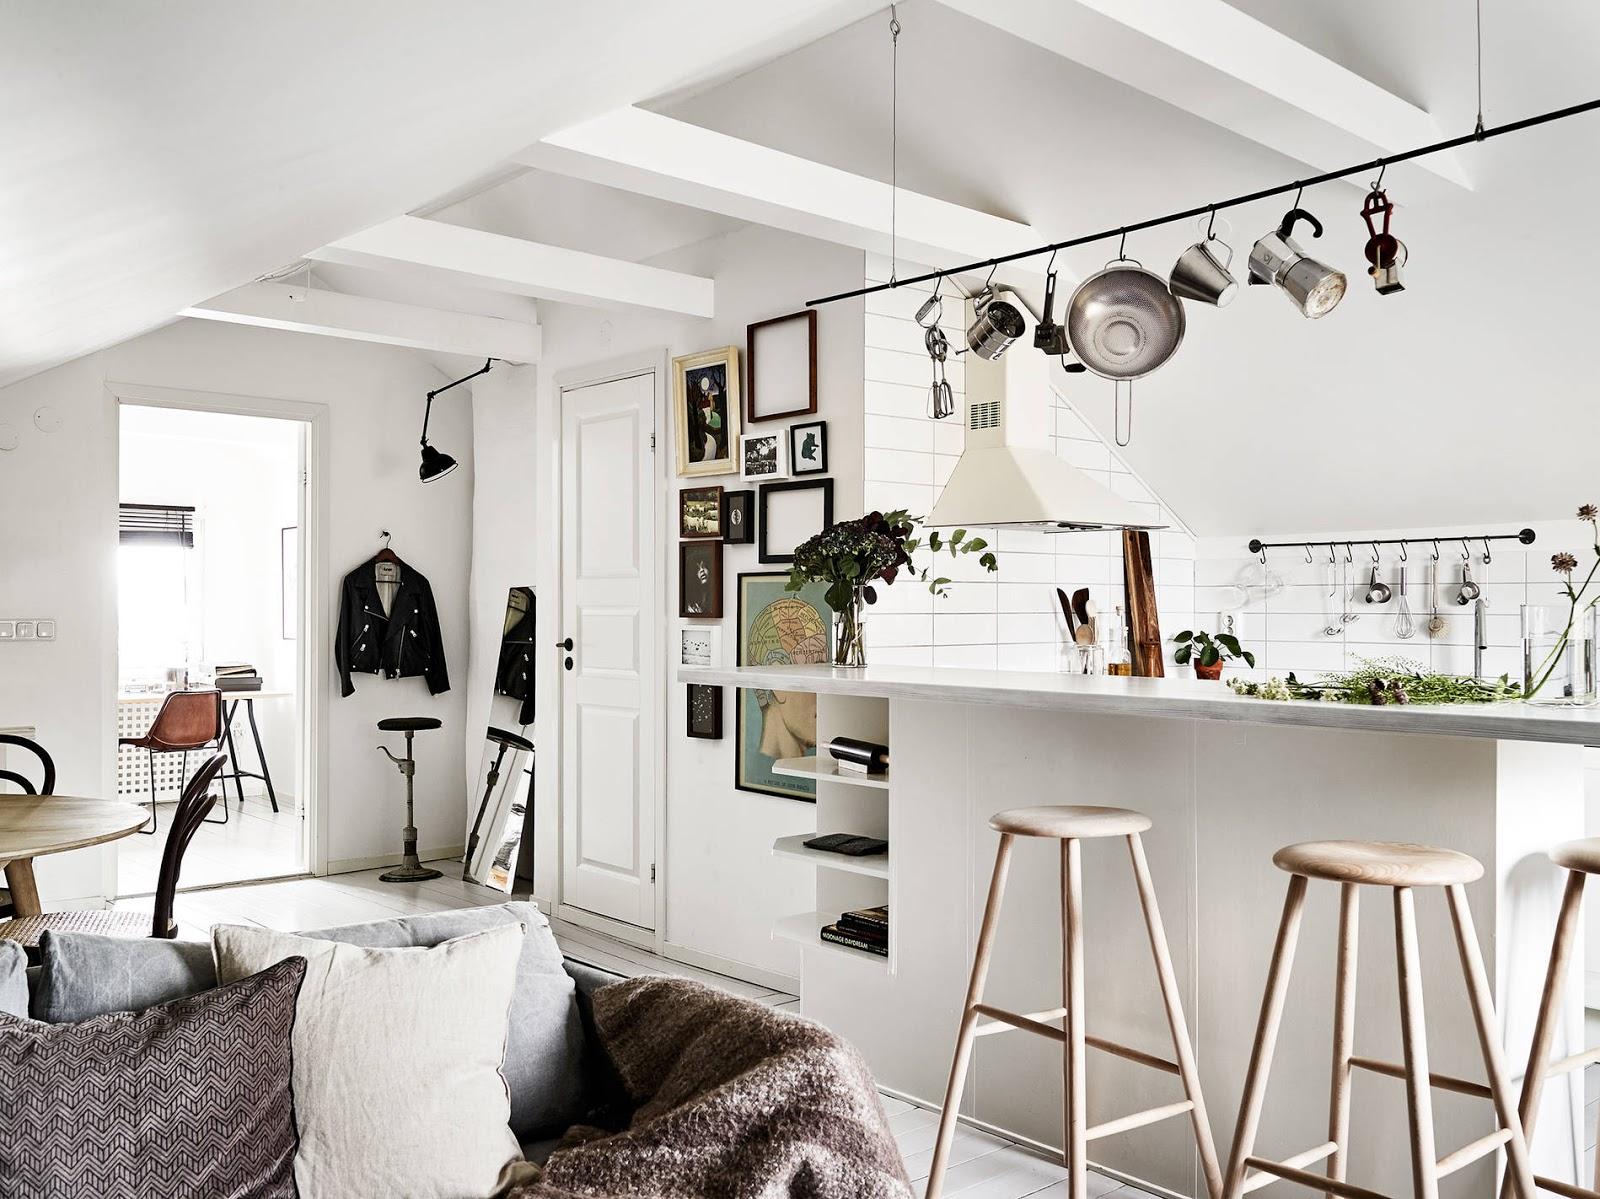 Decordemon gustavsgatan 84 cozy attic with charming details for Interiores de cocinas